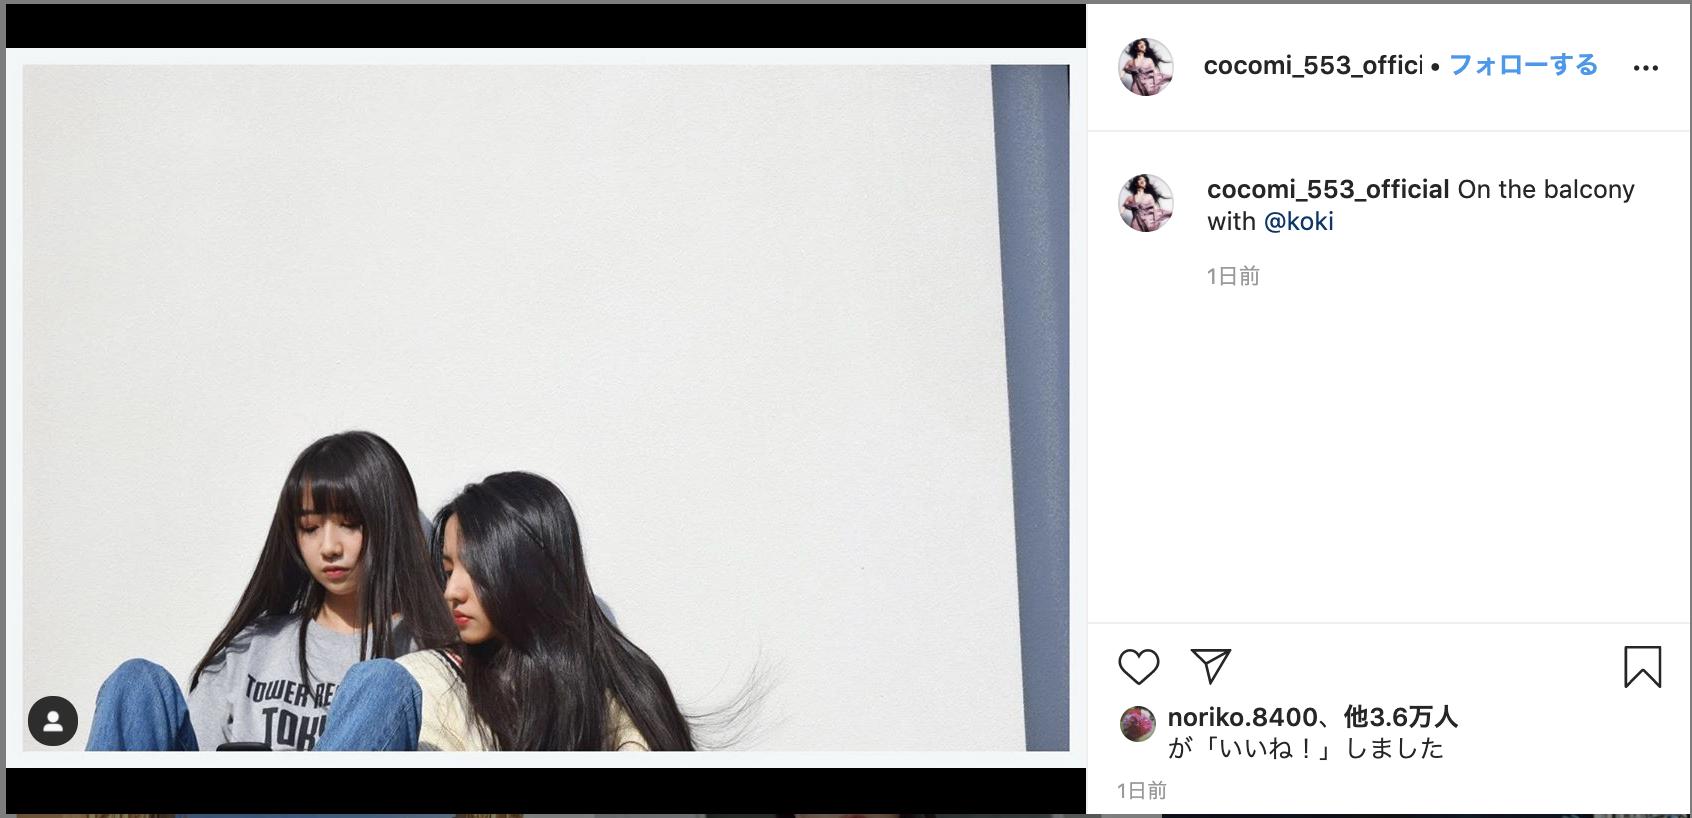 cocomi,キムタクの長女インスタ画像,木村心美